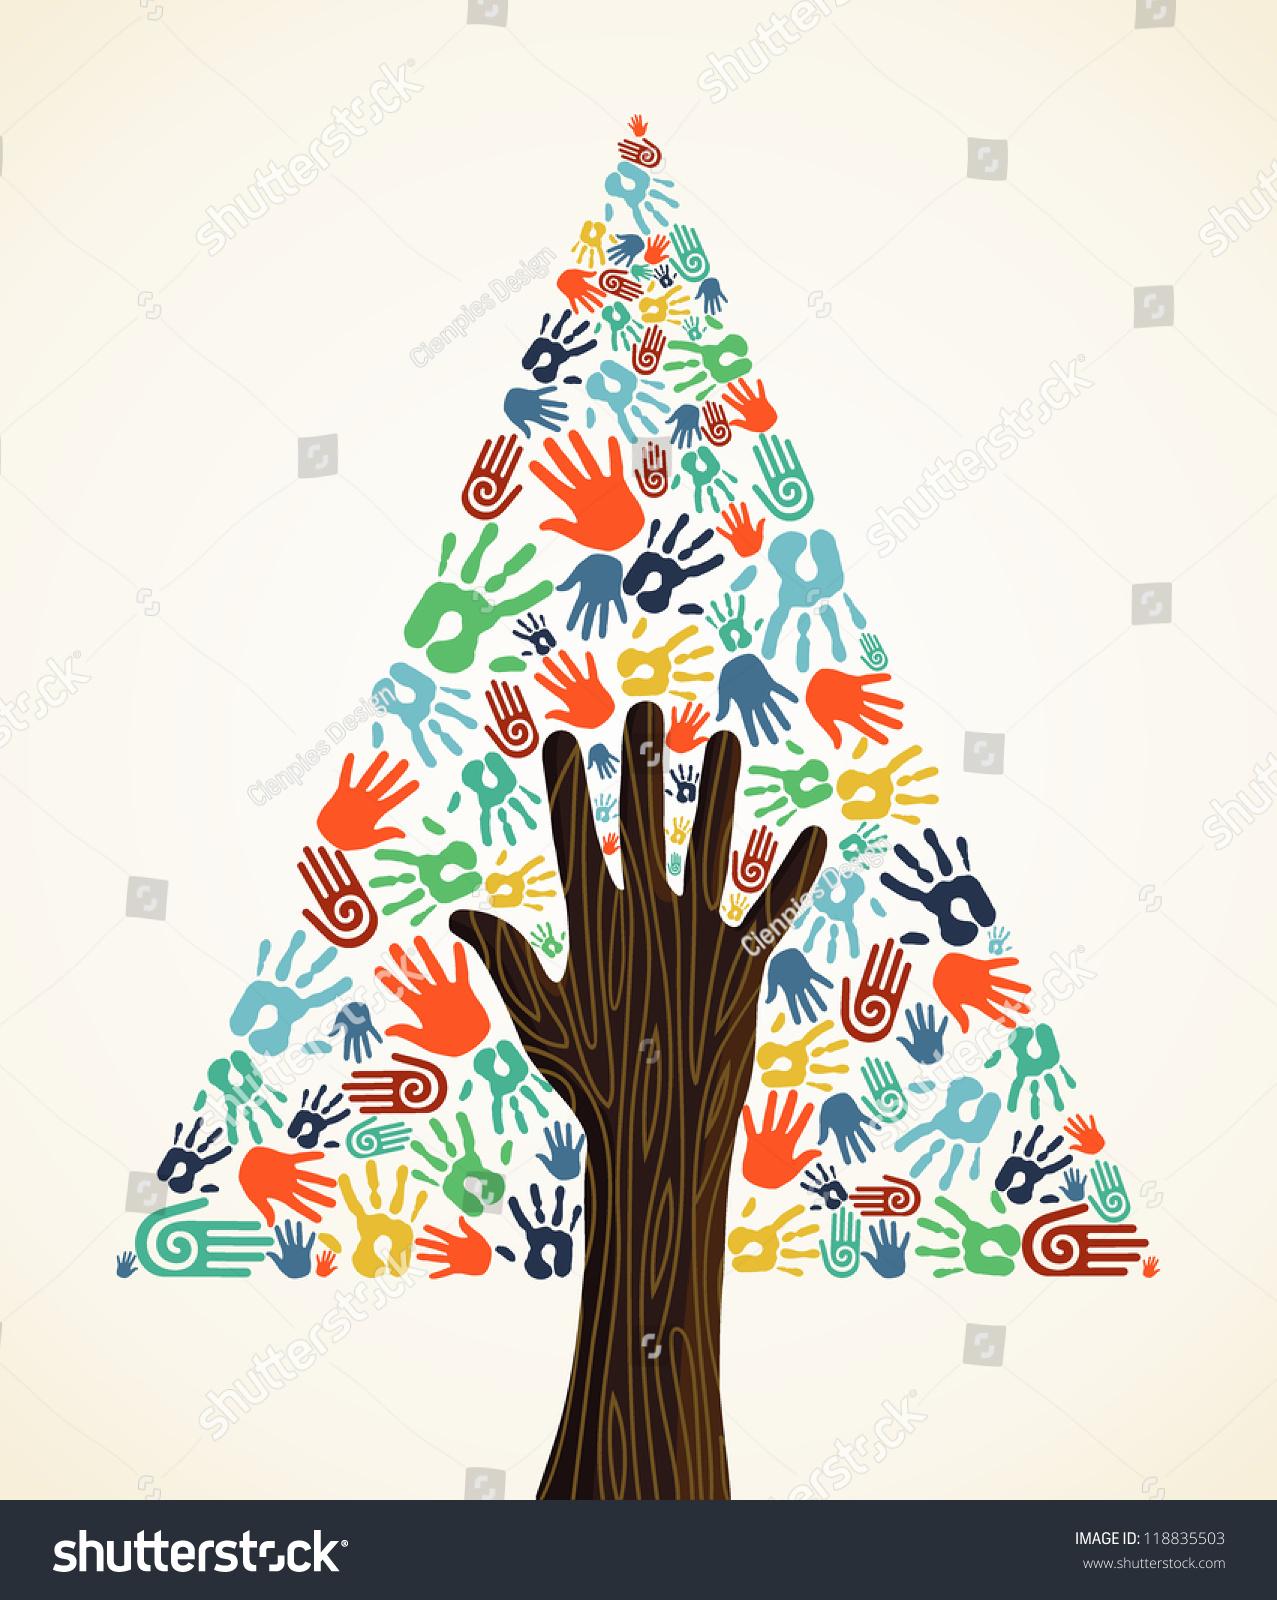 多样化的圣诞树的手牌背景.用于易操作和自定义着色的